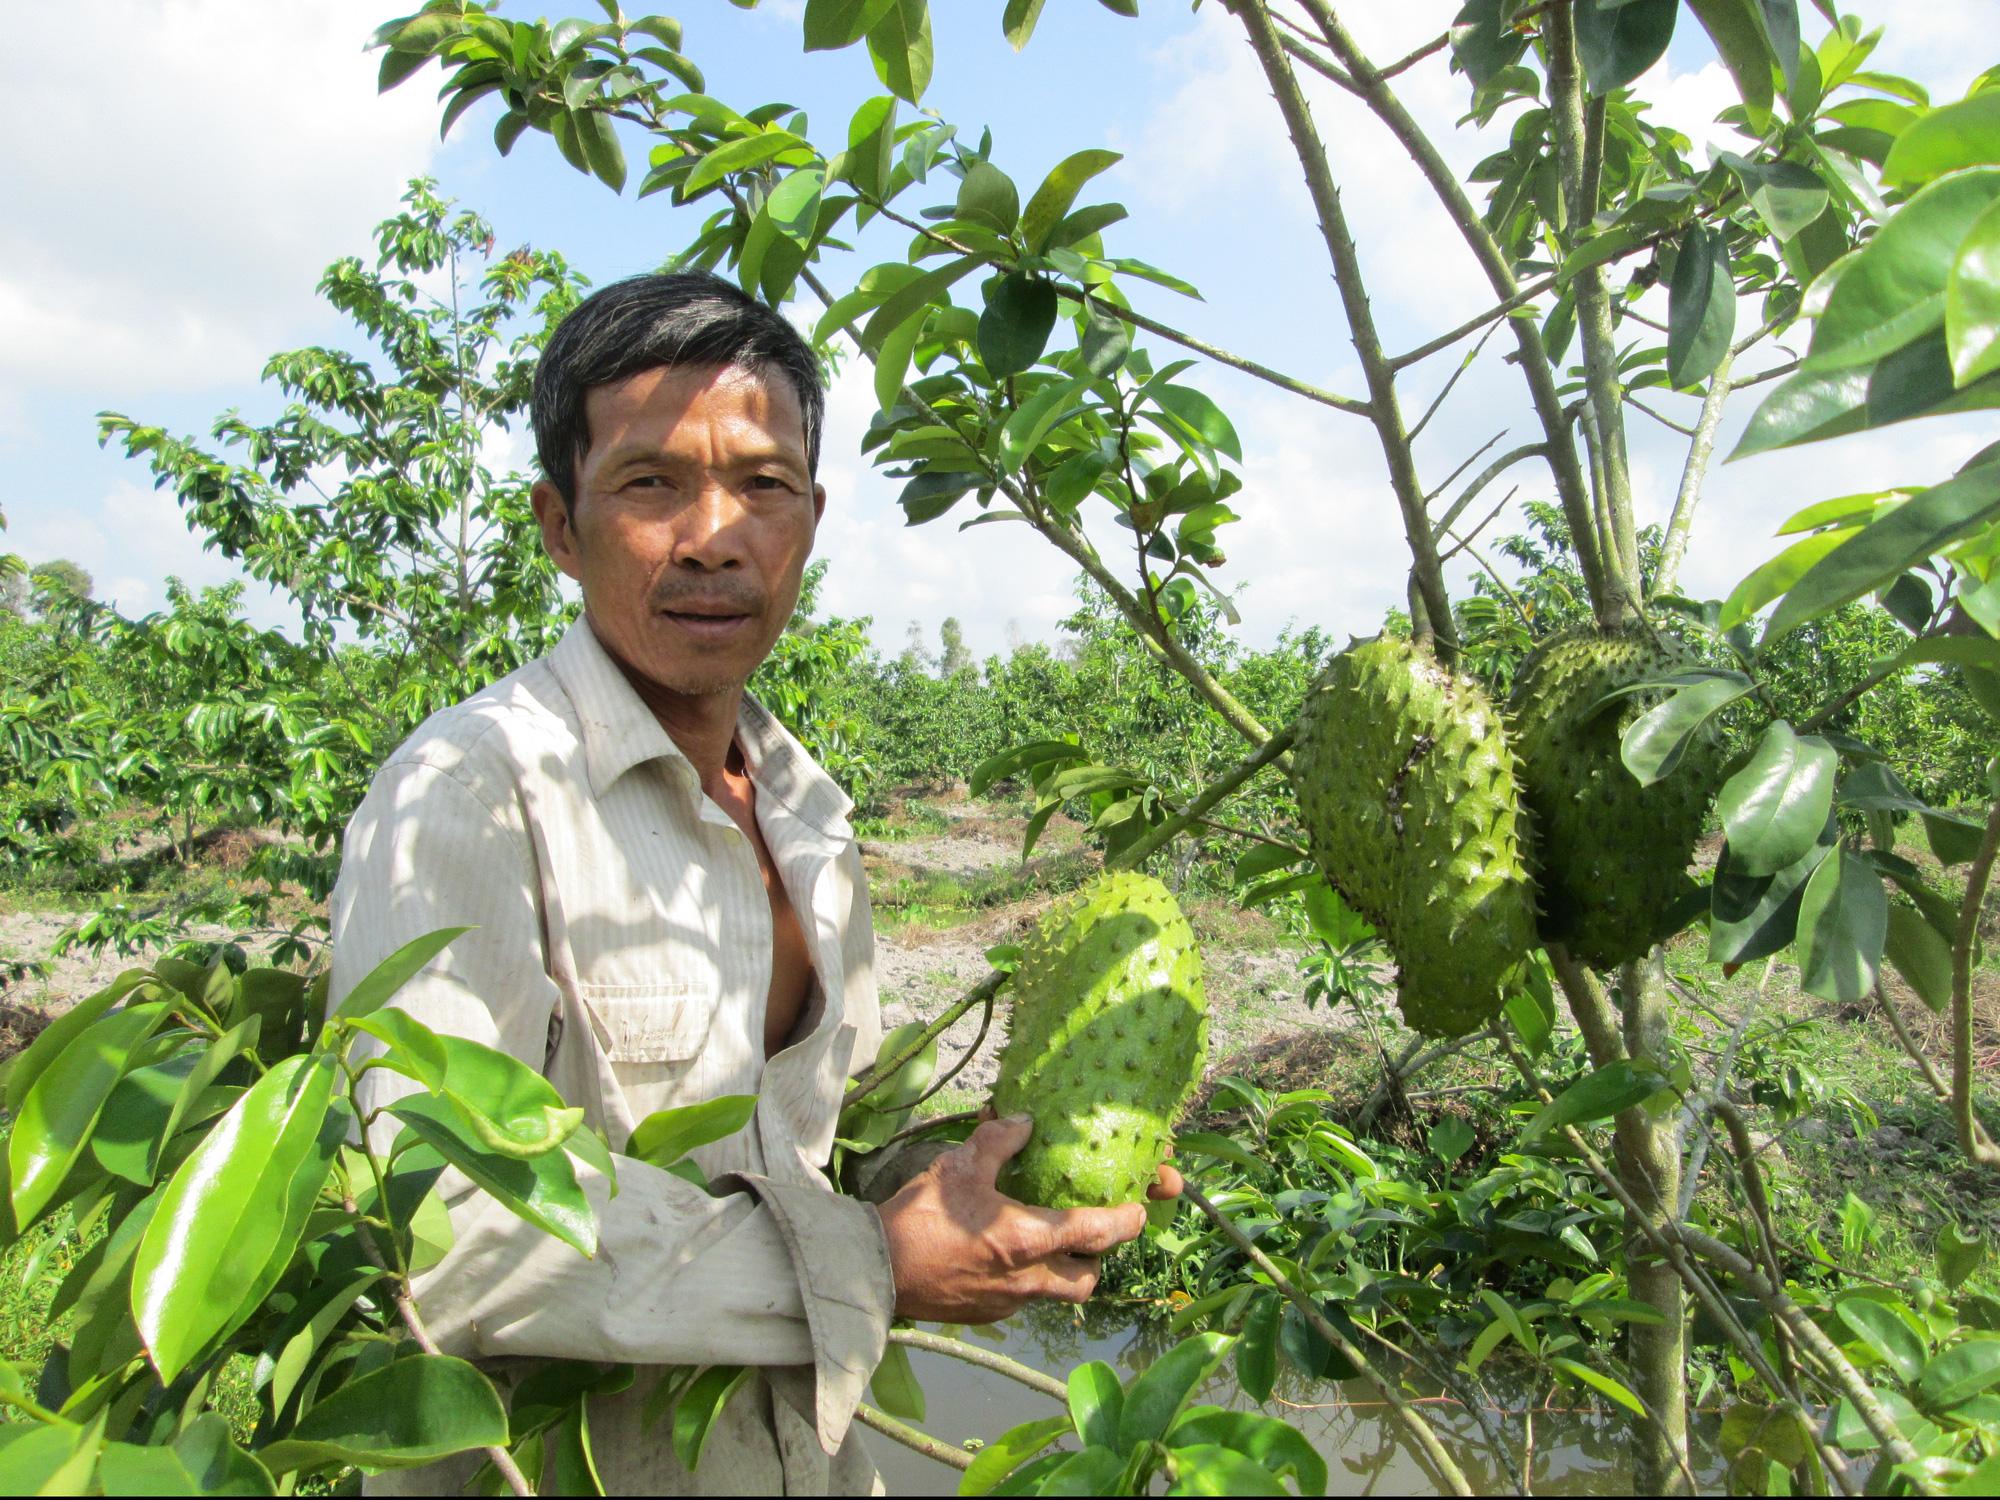 Kiên Giang: Trồng mãng cầu xiêm, cây nào cũng ra trái to bự, nặng 2-3 ký, ông nông dân này trúng lớn - Ảnh 1.